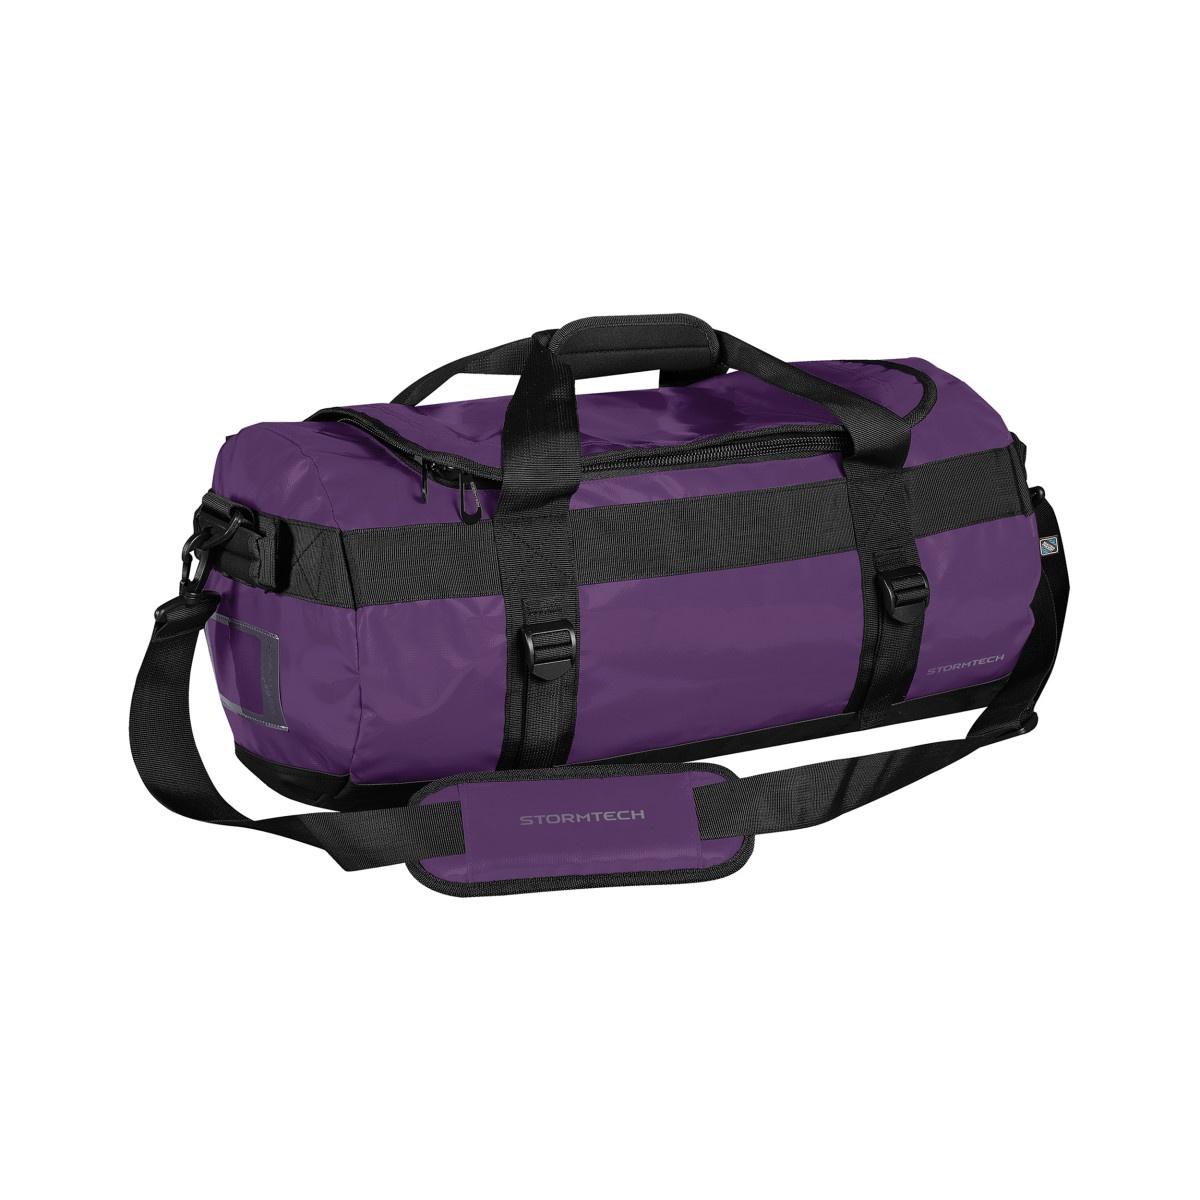 Stormtech Waterproof Gear Holdall Bag (Small) (One Size) (Purple/Black)